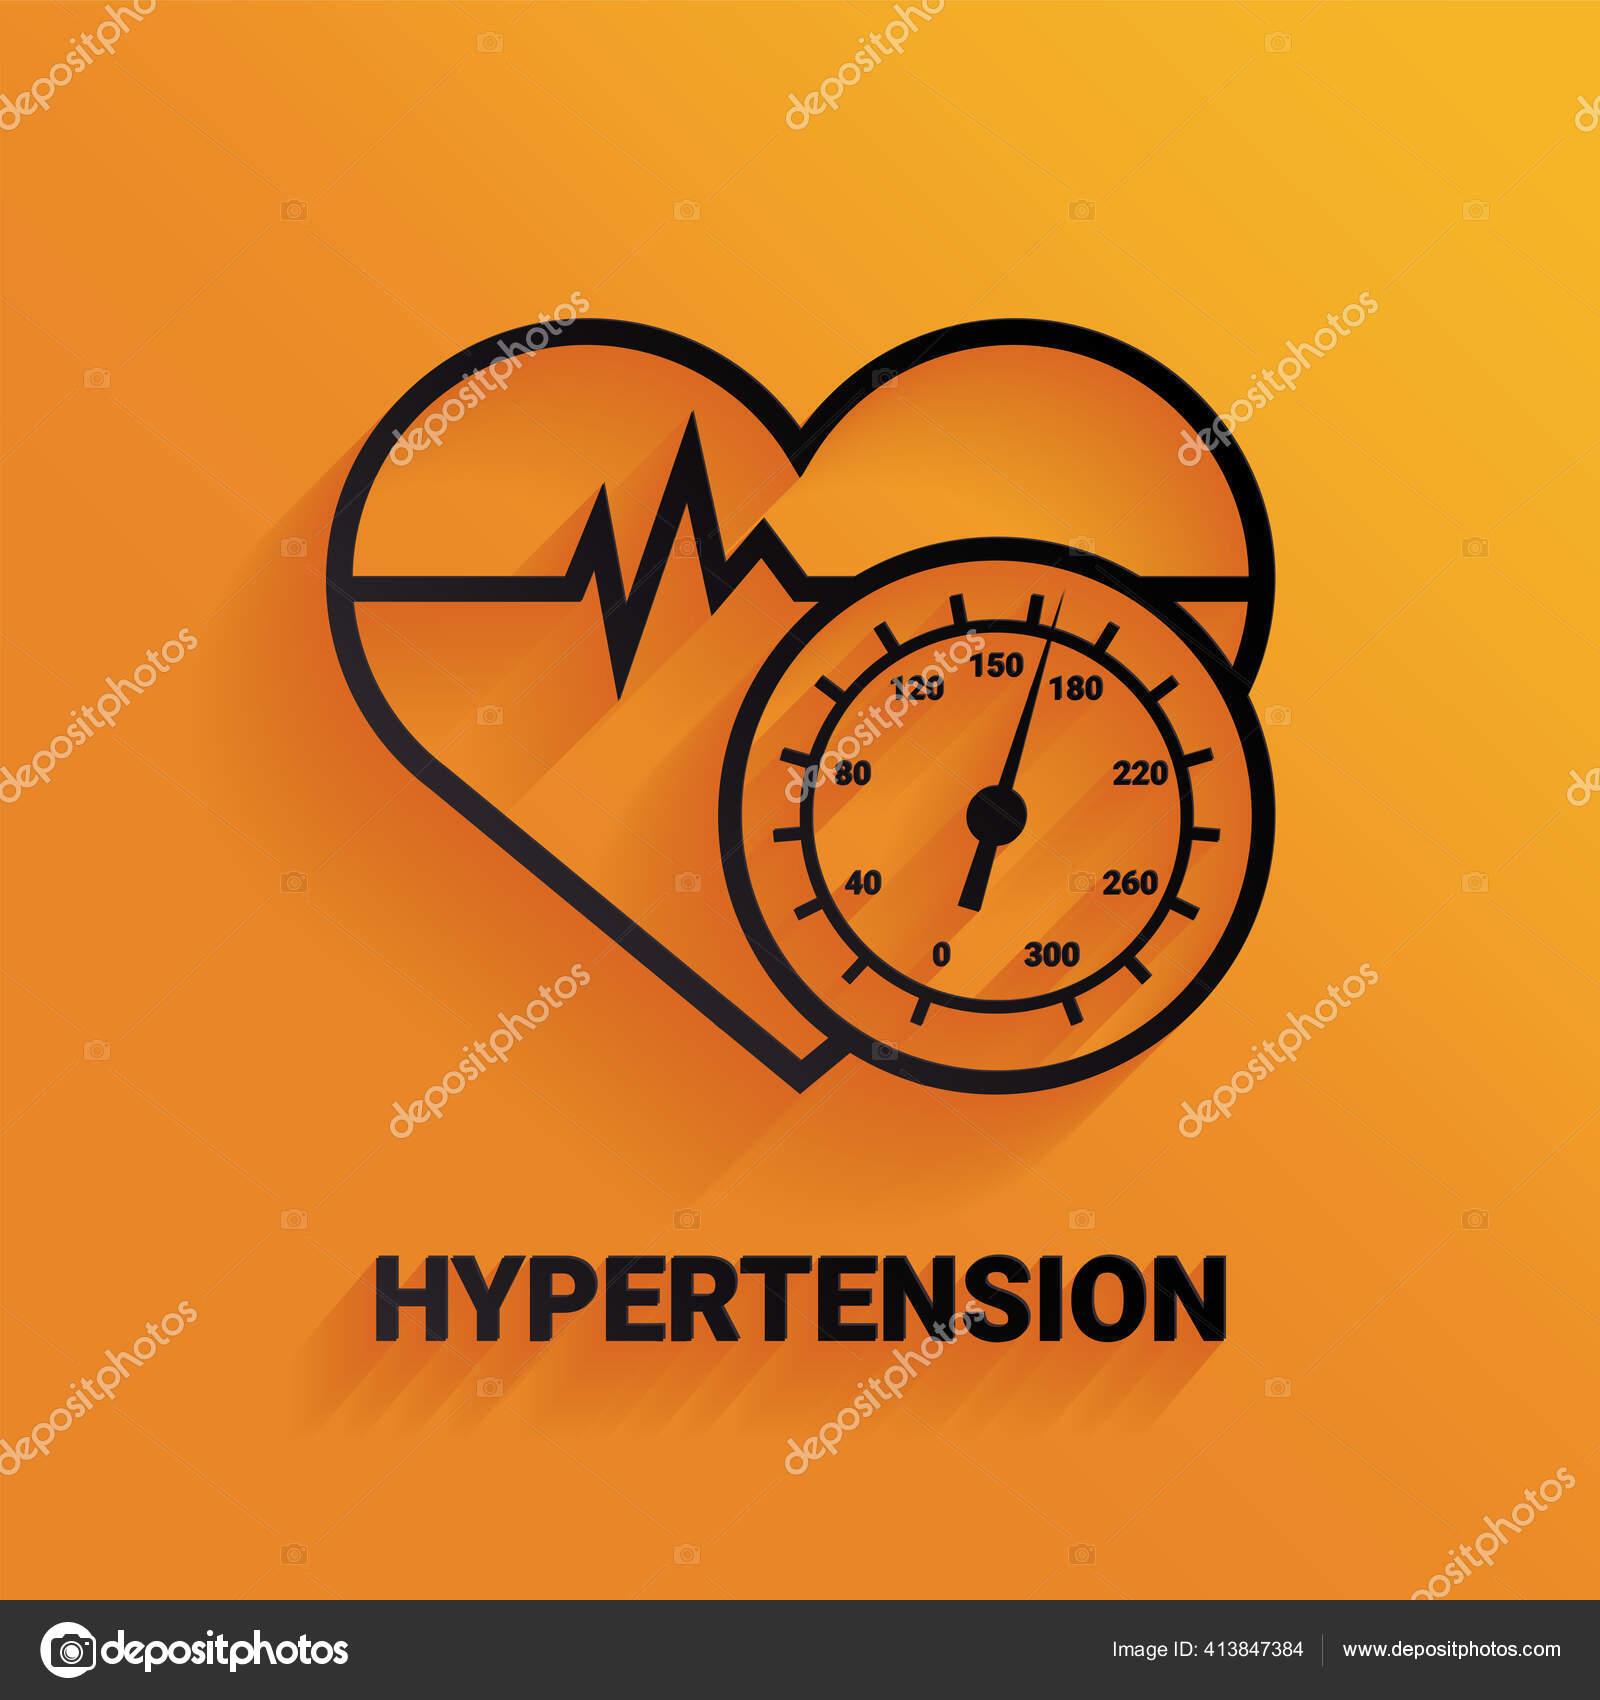 magas vérnyomás kezelése népi gyógymódokkal hagyományos orvoslás